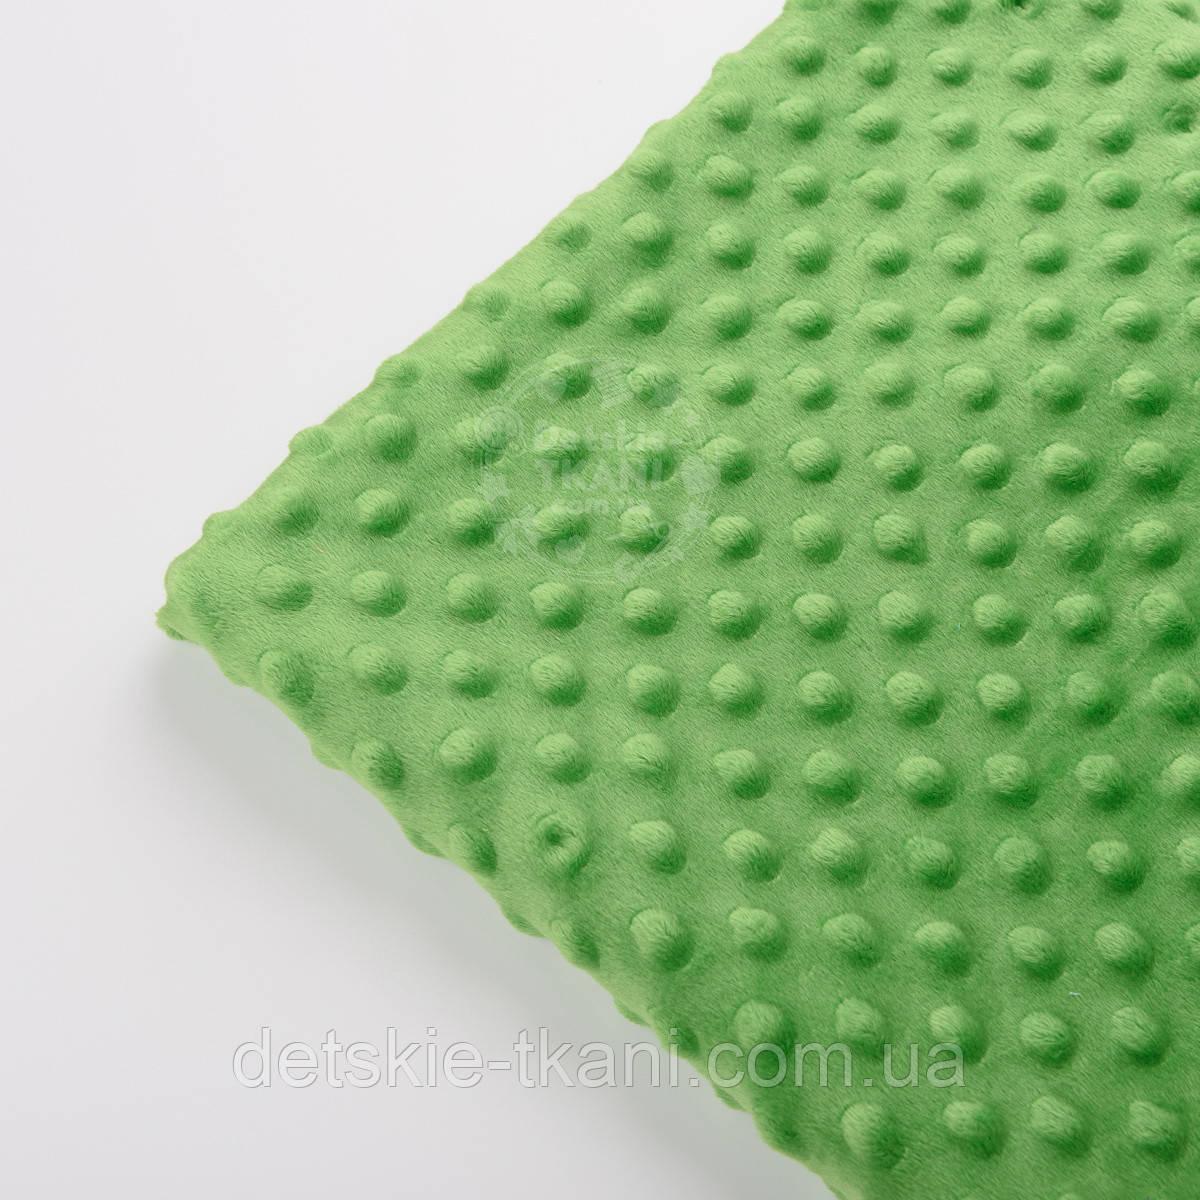 Отрез плюш minky М-3 размером 80*80 см тёмно-зелёного цвета